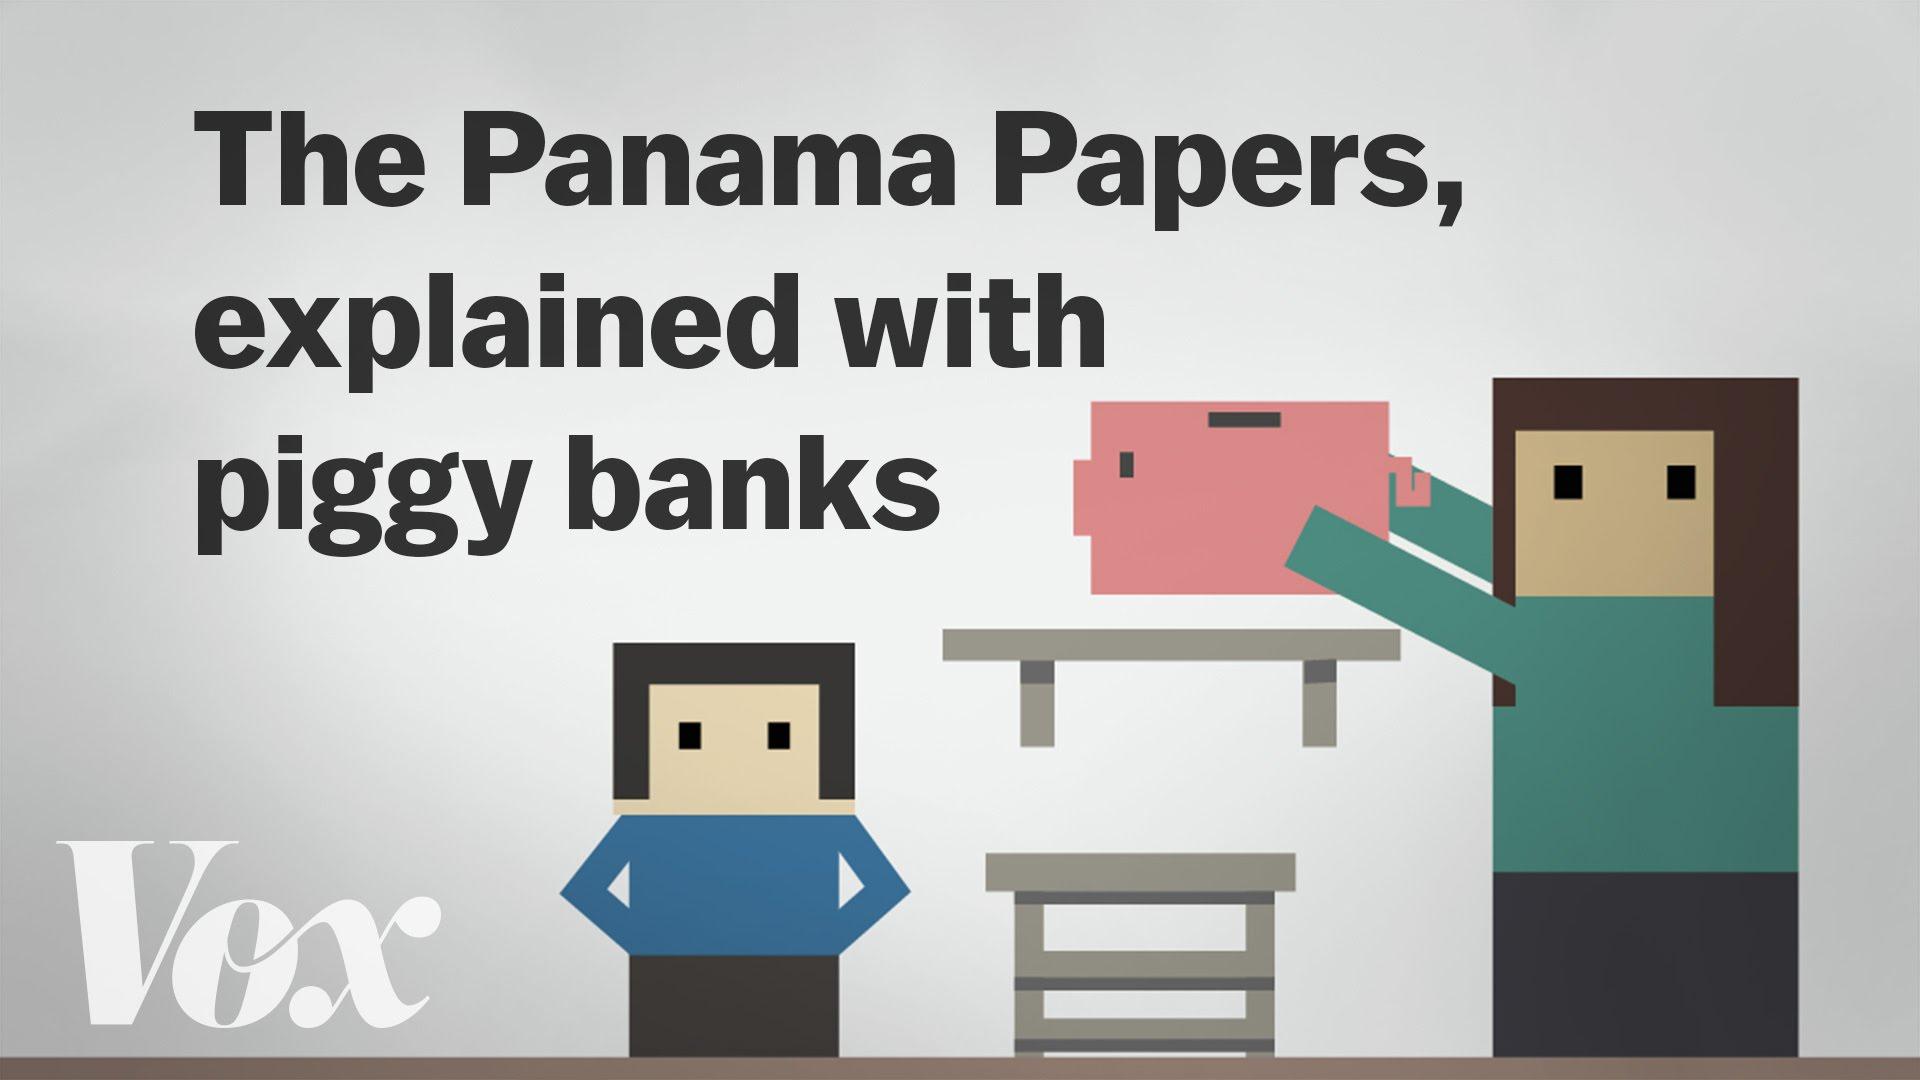 「延燒全球的『巴拿馬文件』,小豬撲滿比喻讓你秒懂!」- The Panama Papers, Explained with Piggy Banks